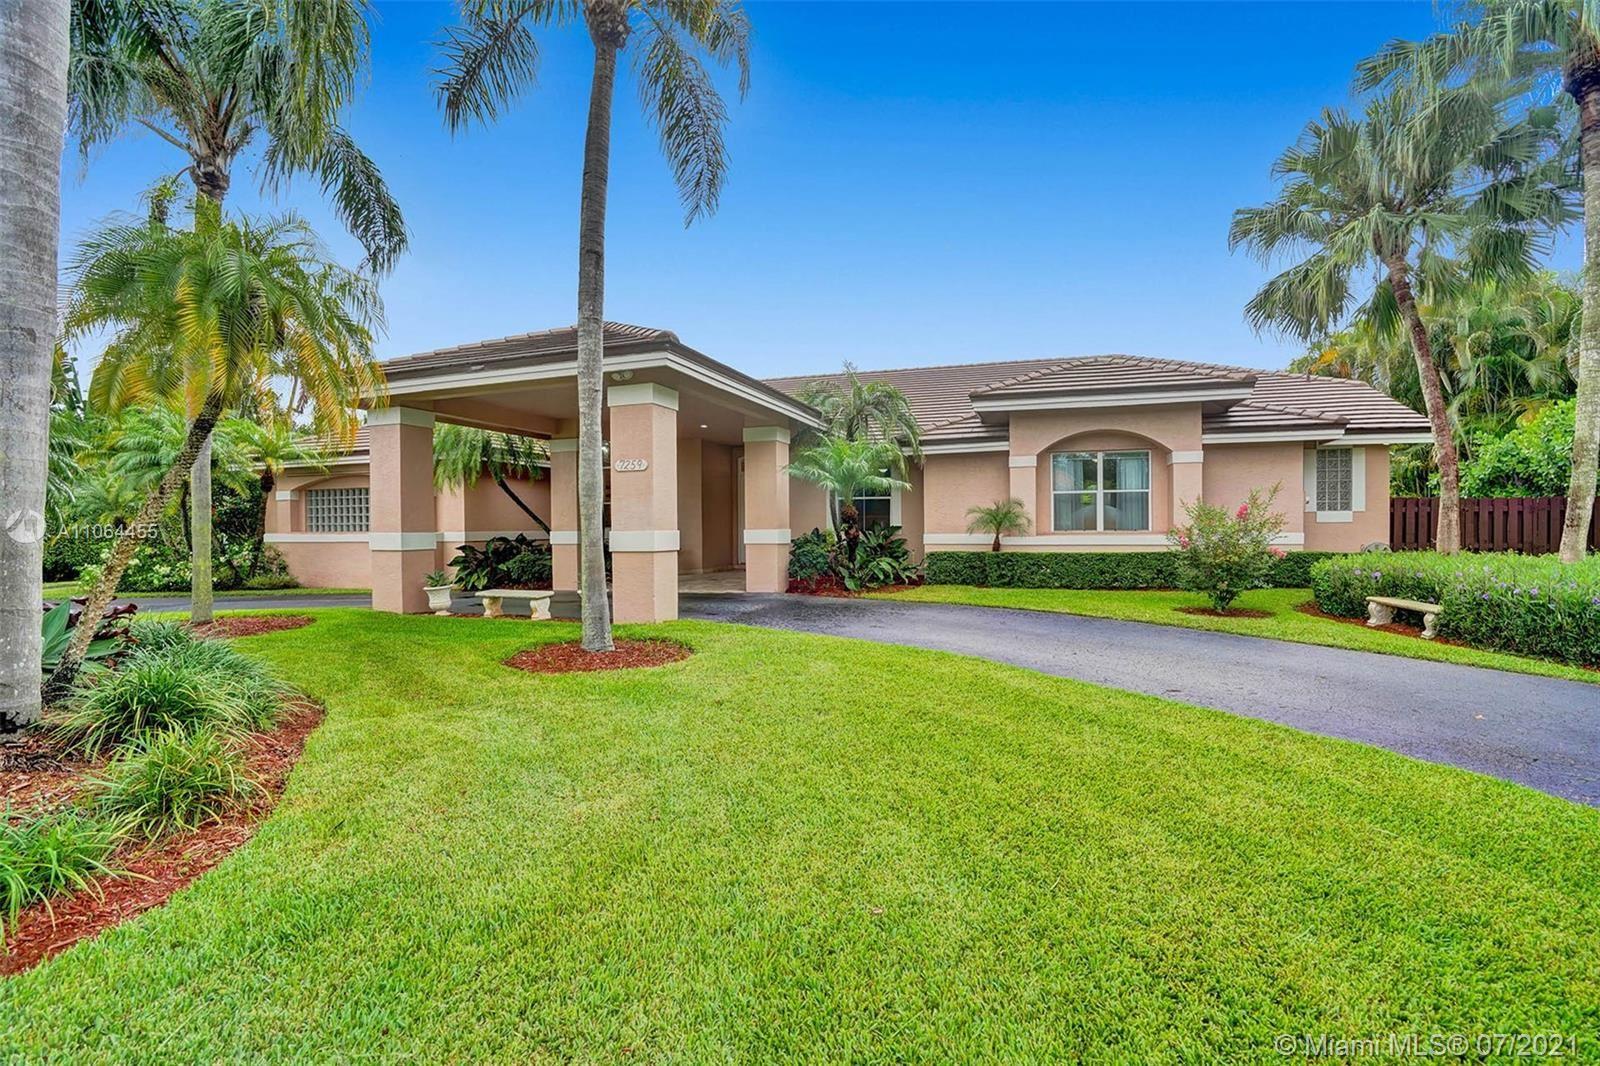 7259 SW 120th Ct, Miami, FL 33183 - #: A11064455